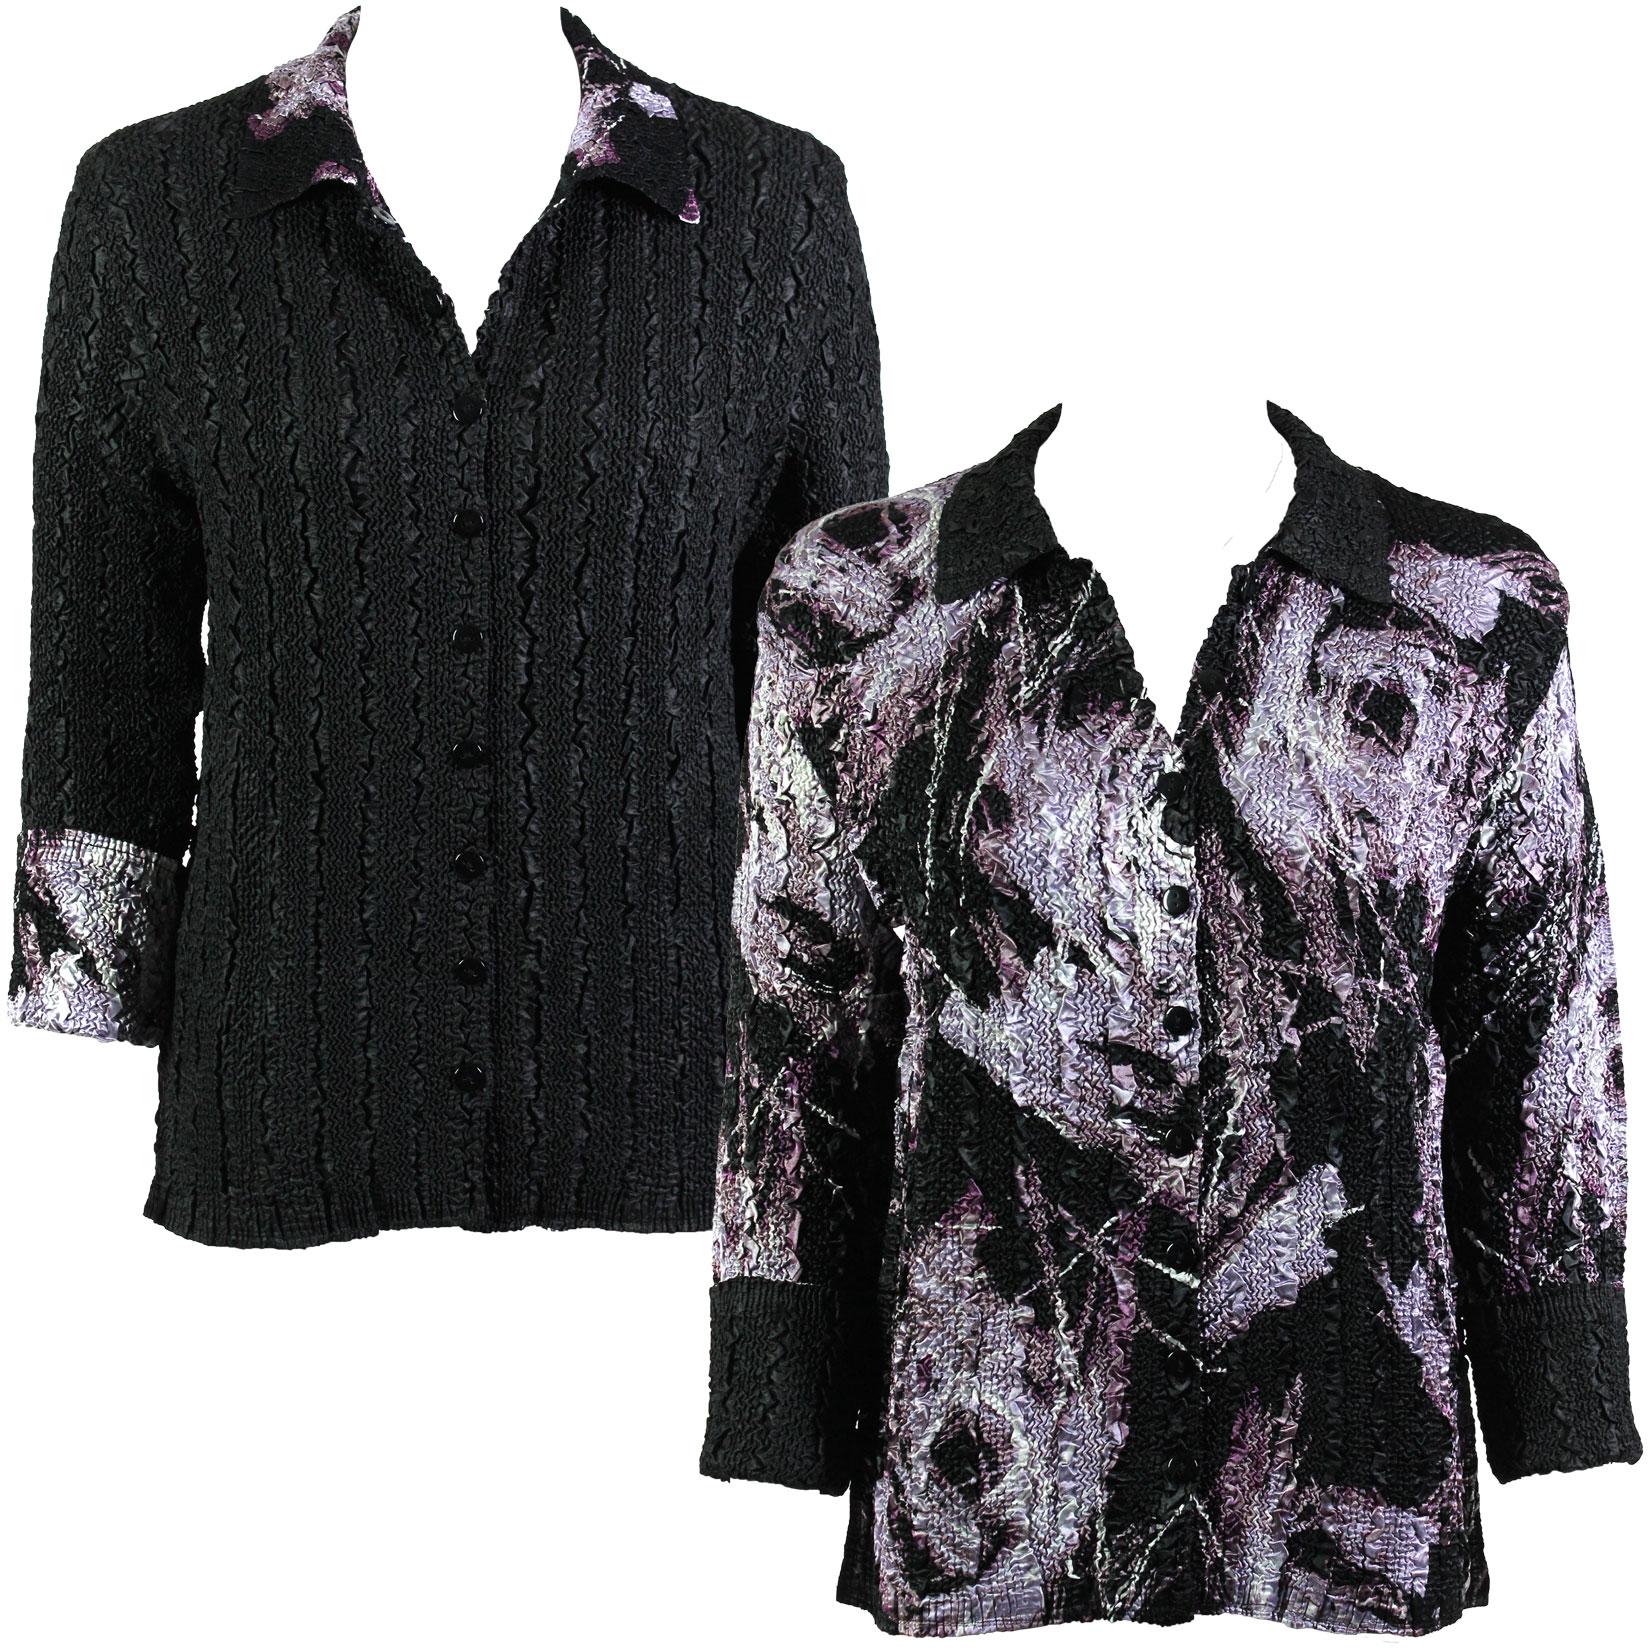 Wholesale Magic Crush - Reversible Jackets Brushstrokes Black-Purple reverses to Solid Black #9065 - 1X-2X